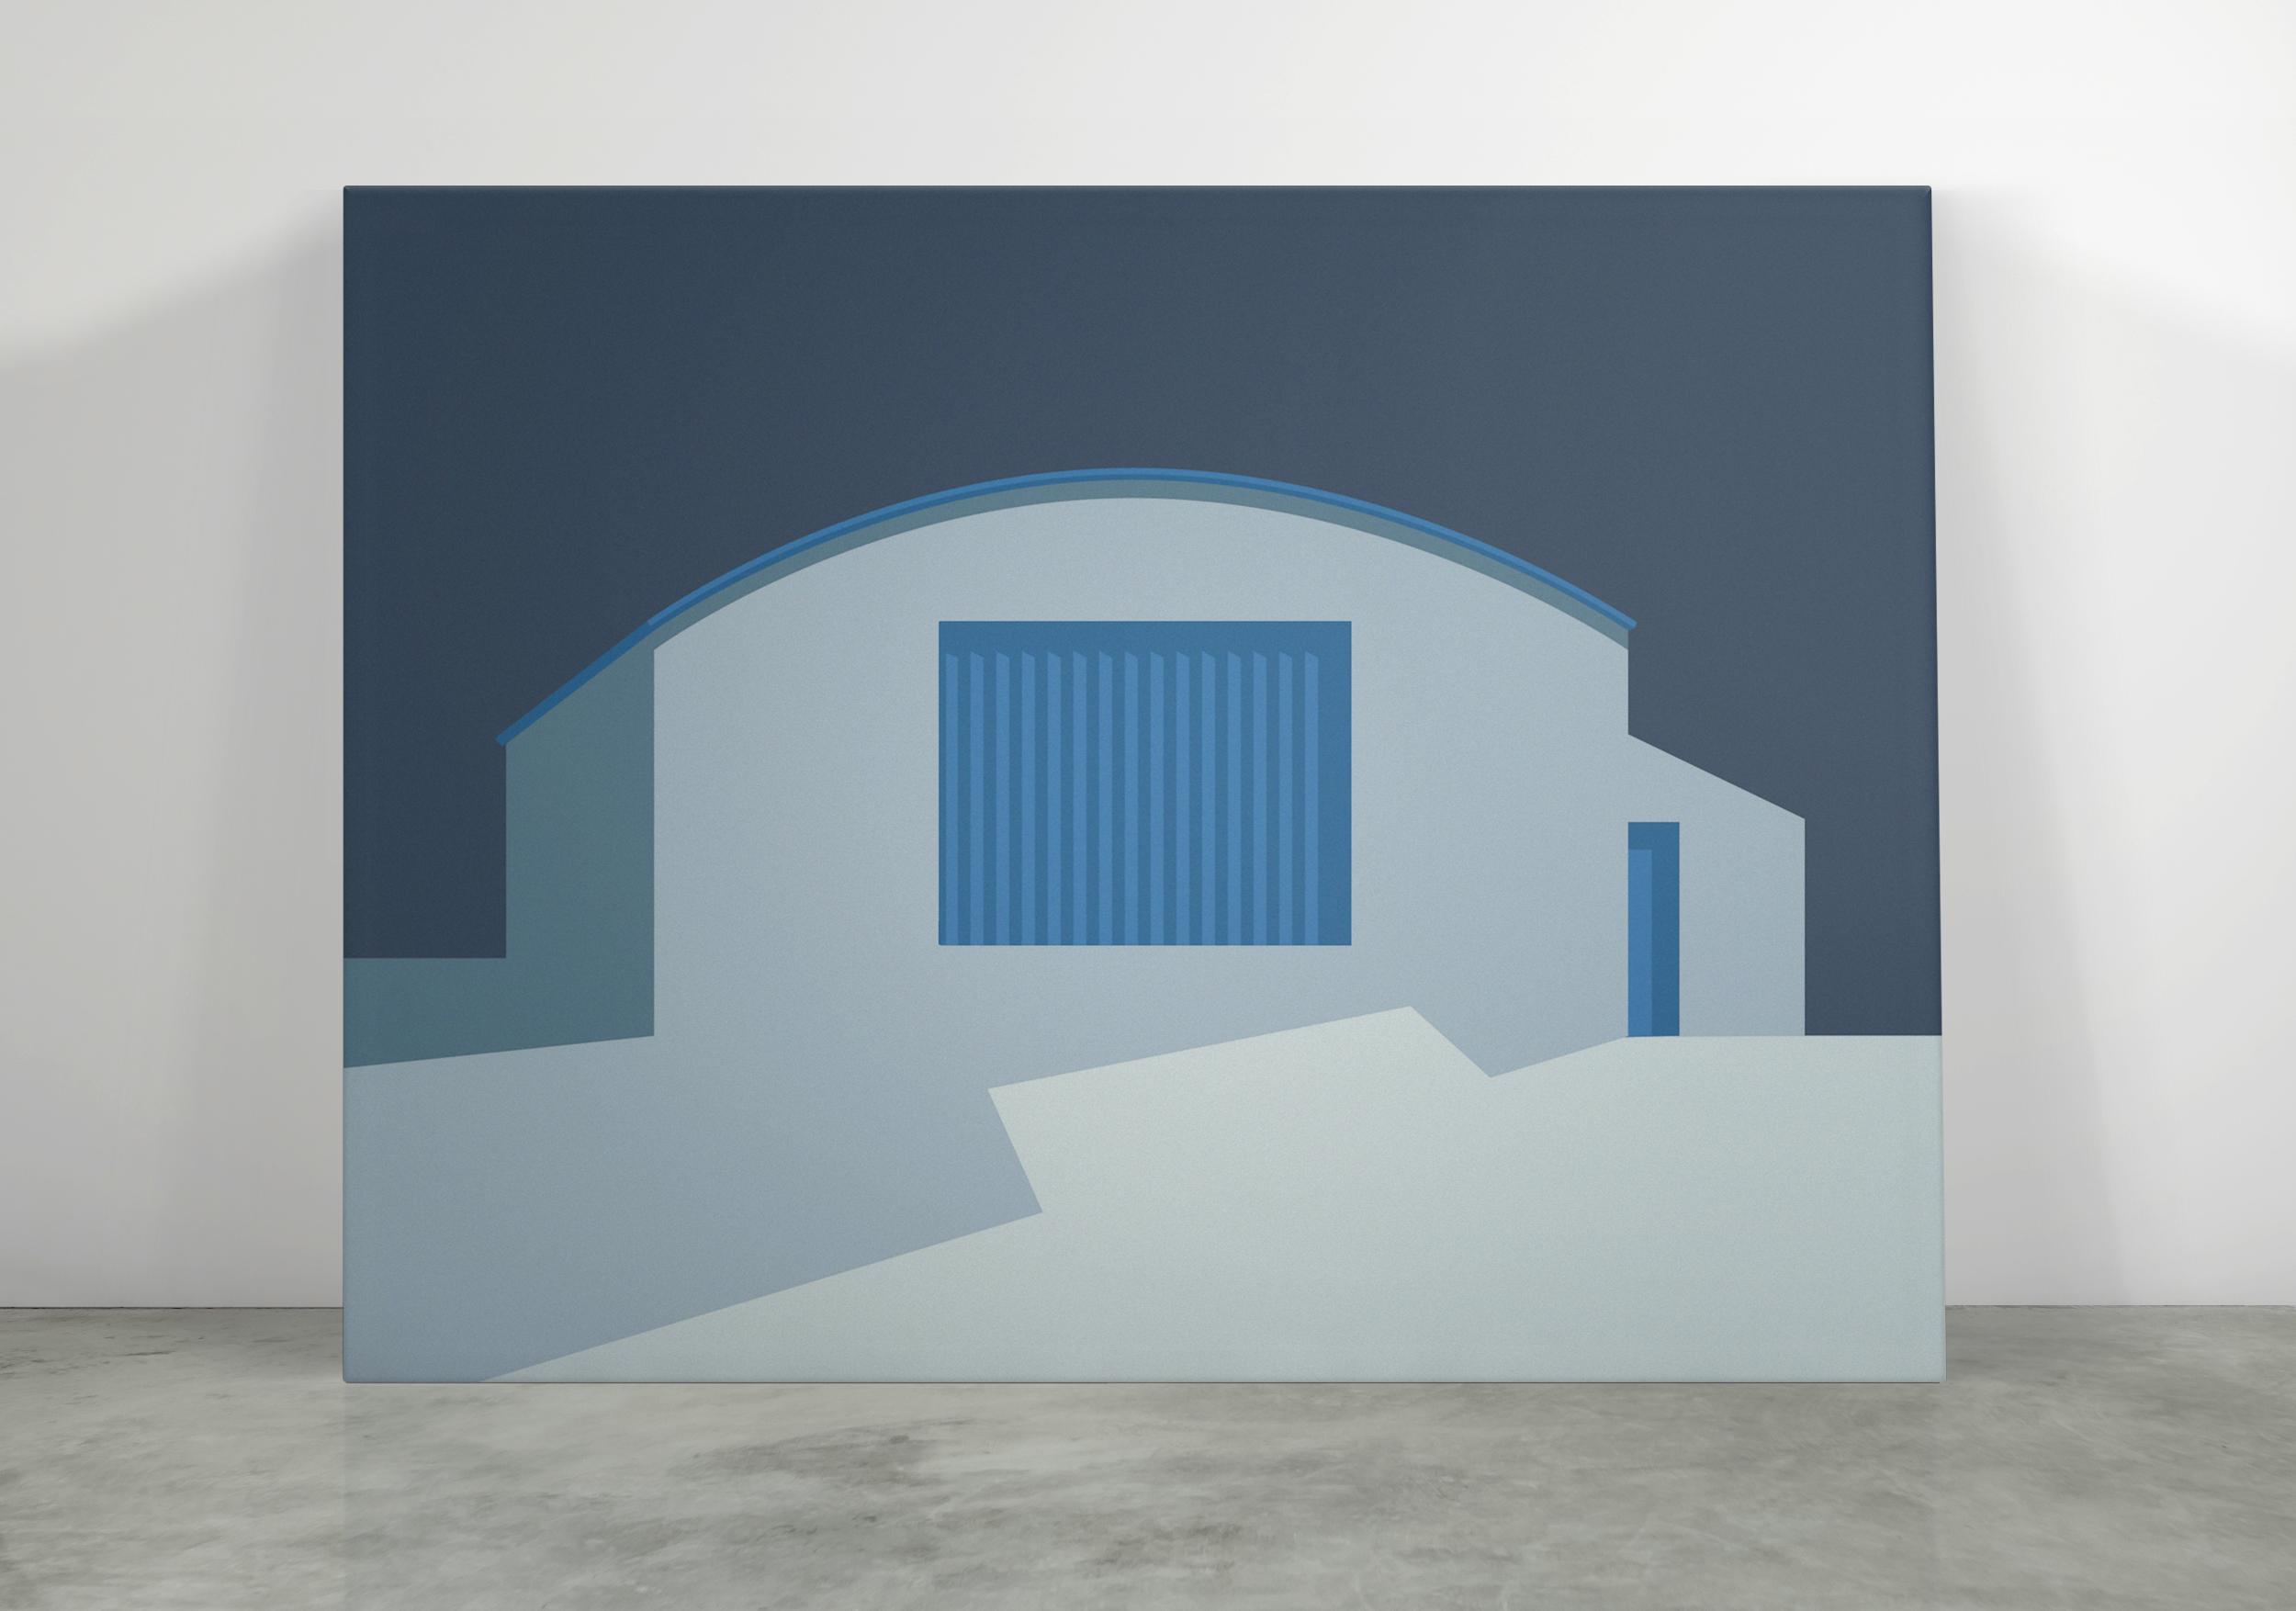 Warehouse II